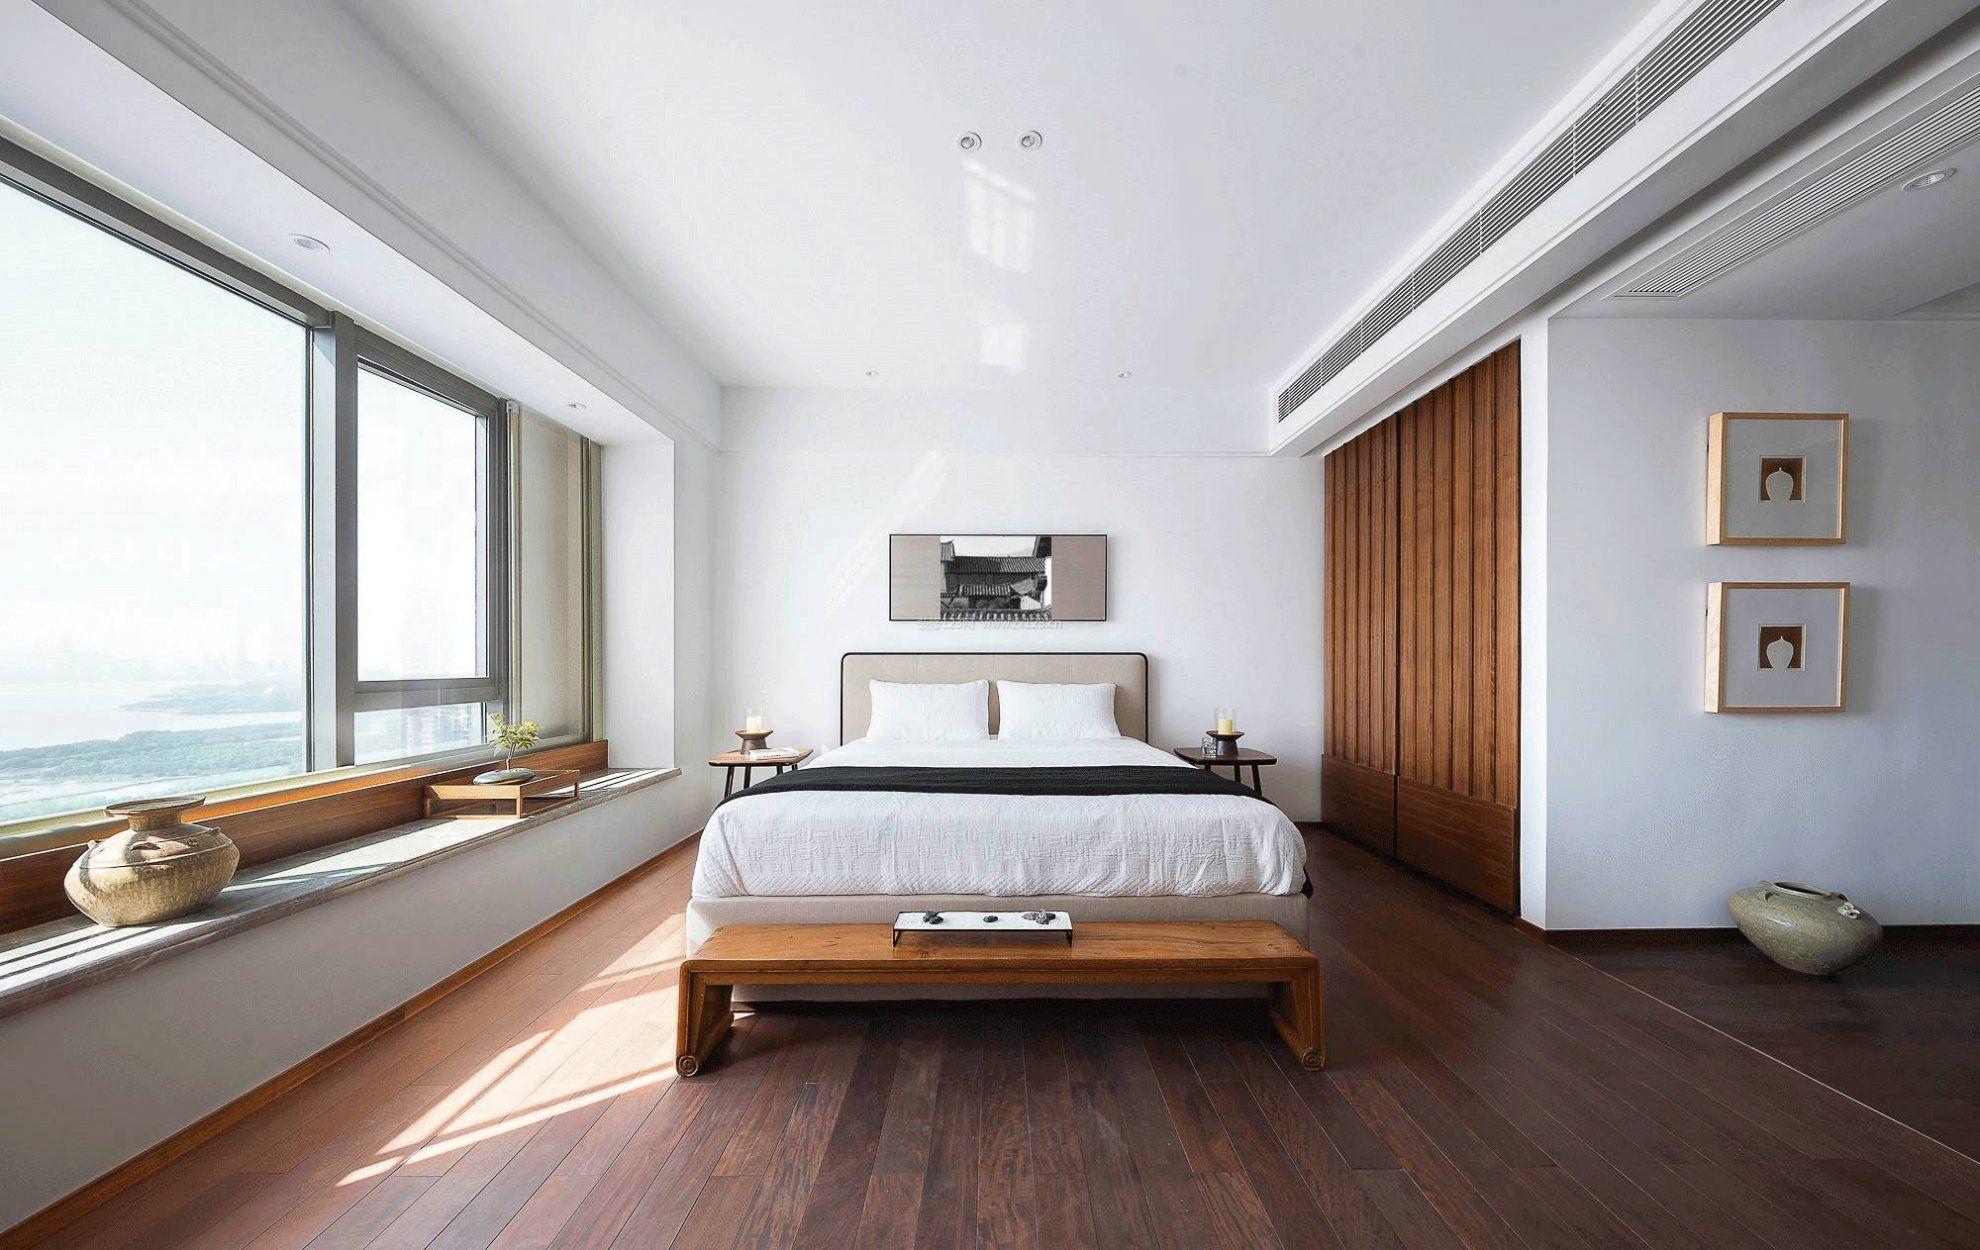 现代简约卧室门图片  190㎡大户型现代风格客厅电视背景墙装修图片